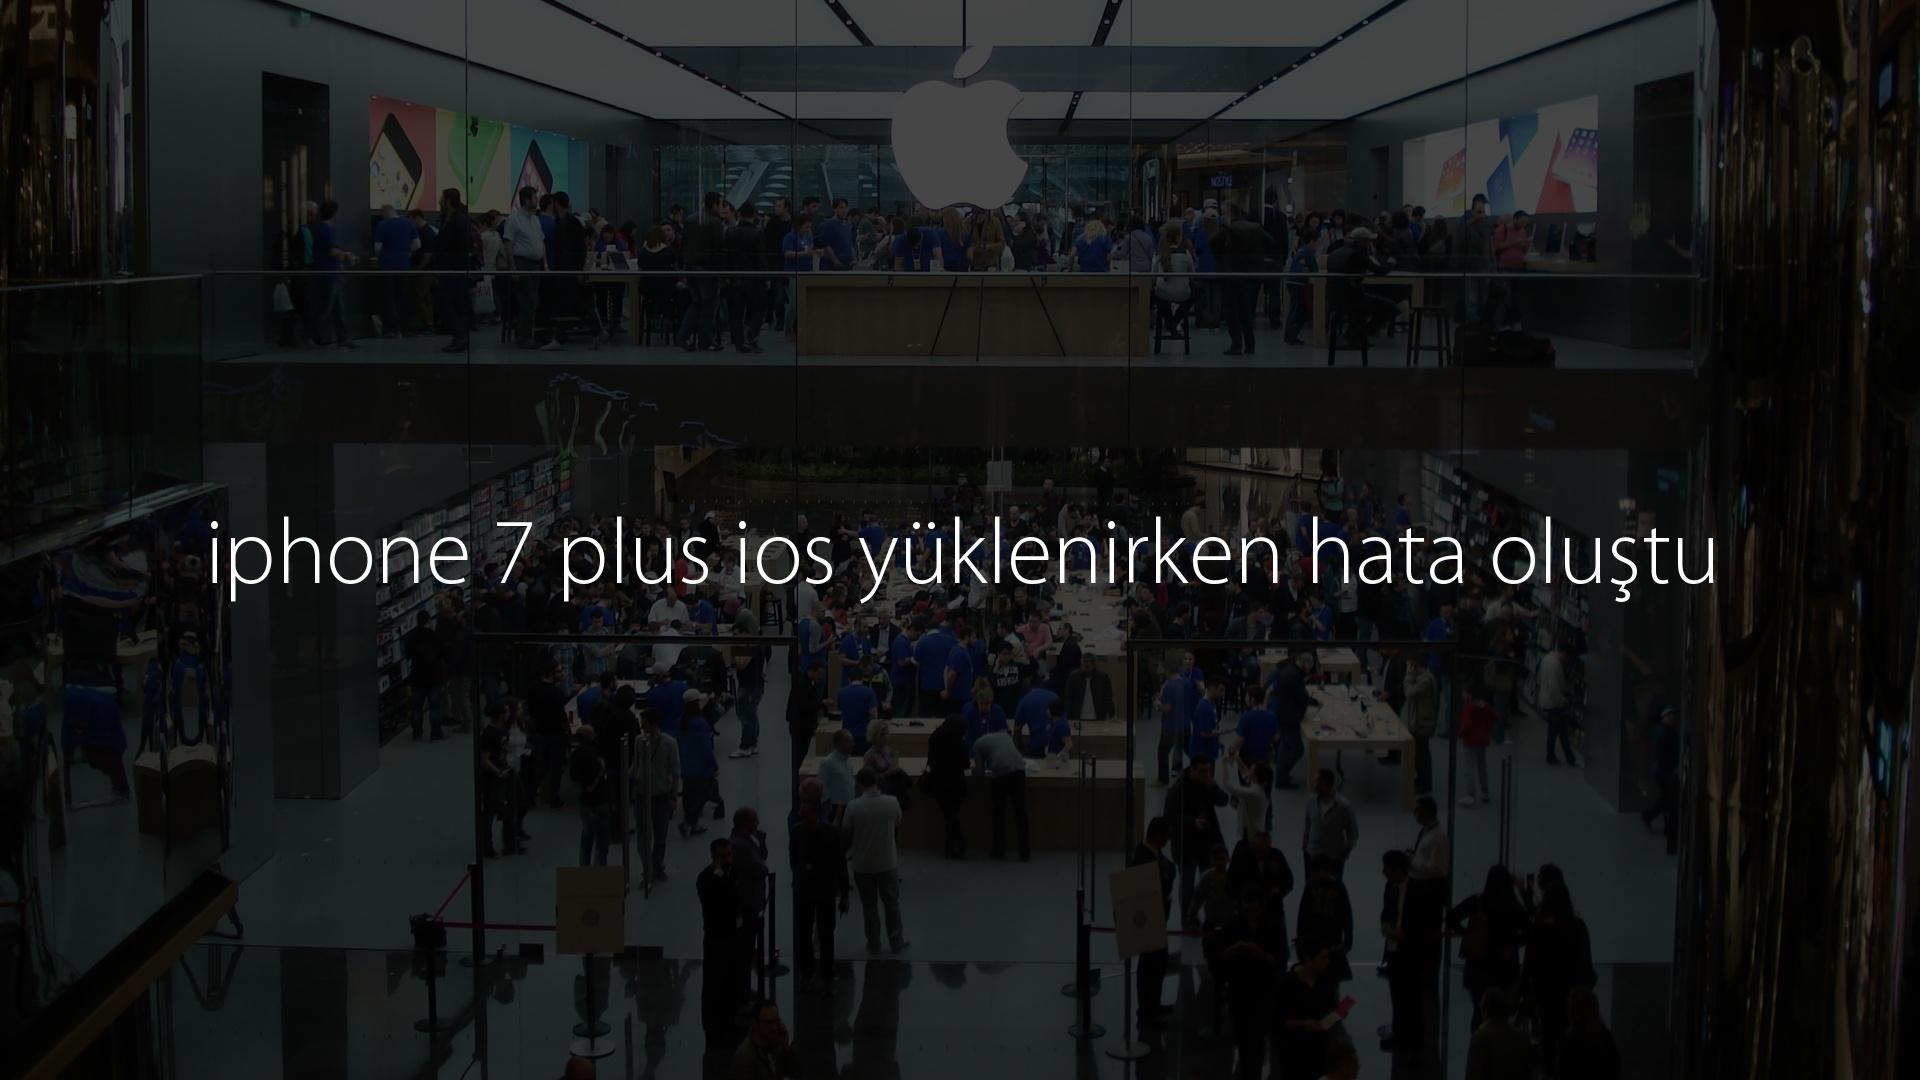 iphone 7 plus ios yüklenirken hata oluştu